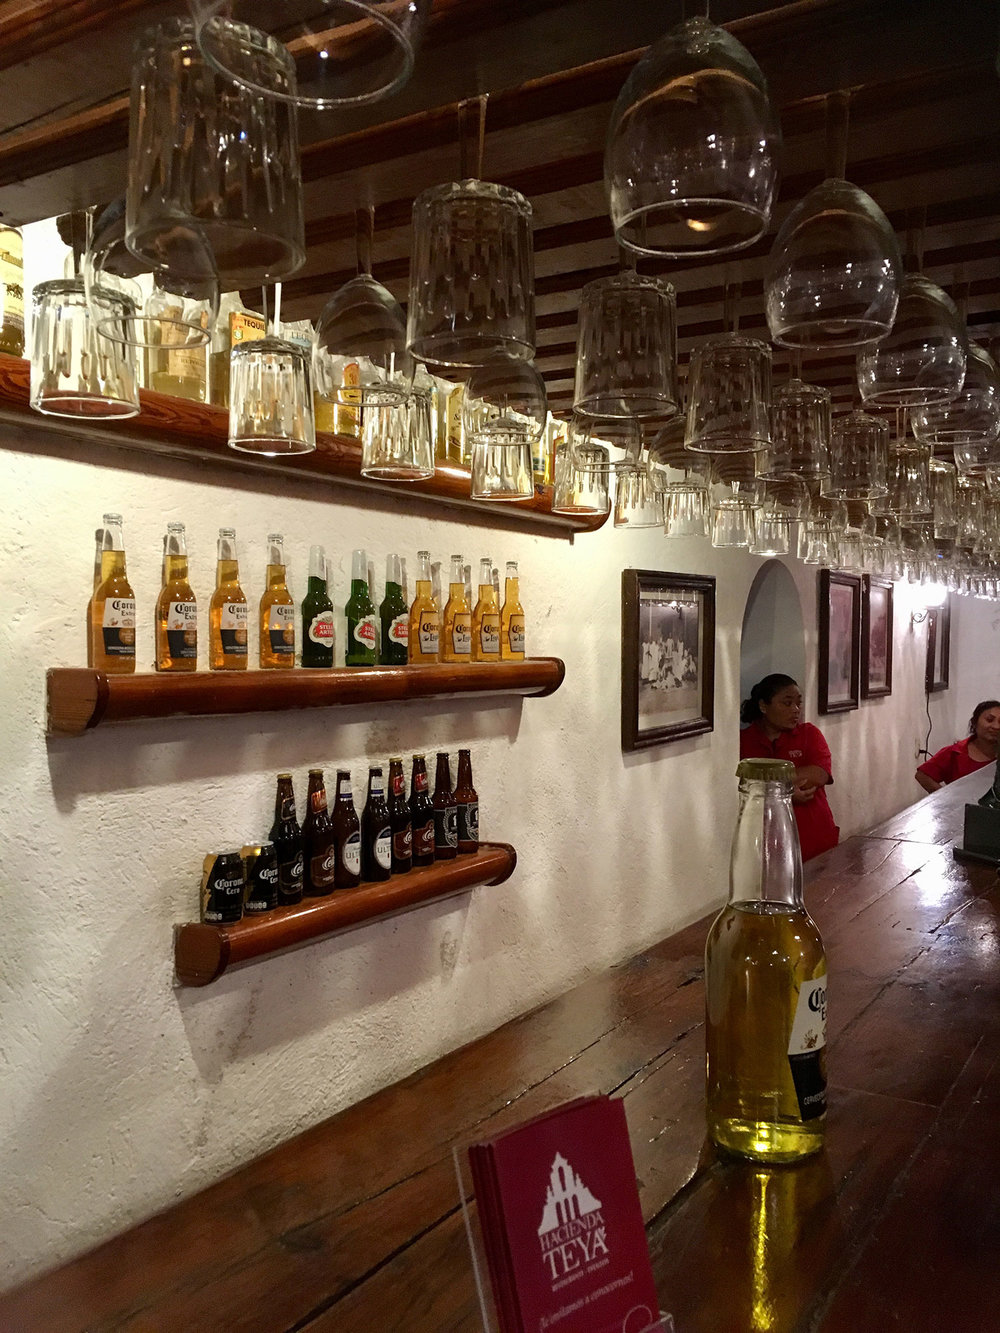 Hammocks_and_Ruins_Blog_Riviera_Maya_Mexico_Travel_Discover_Yucatan_What_to_do_Merida_Haciendas_Teya_28.jpg